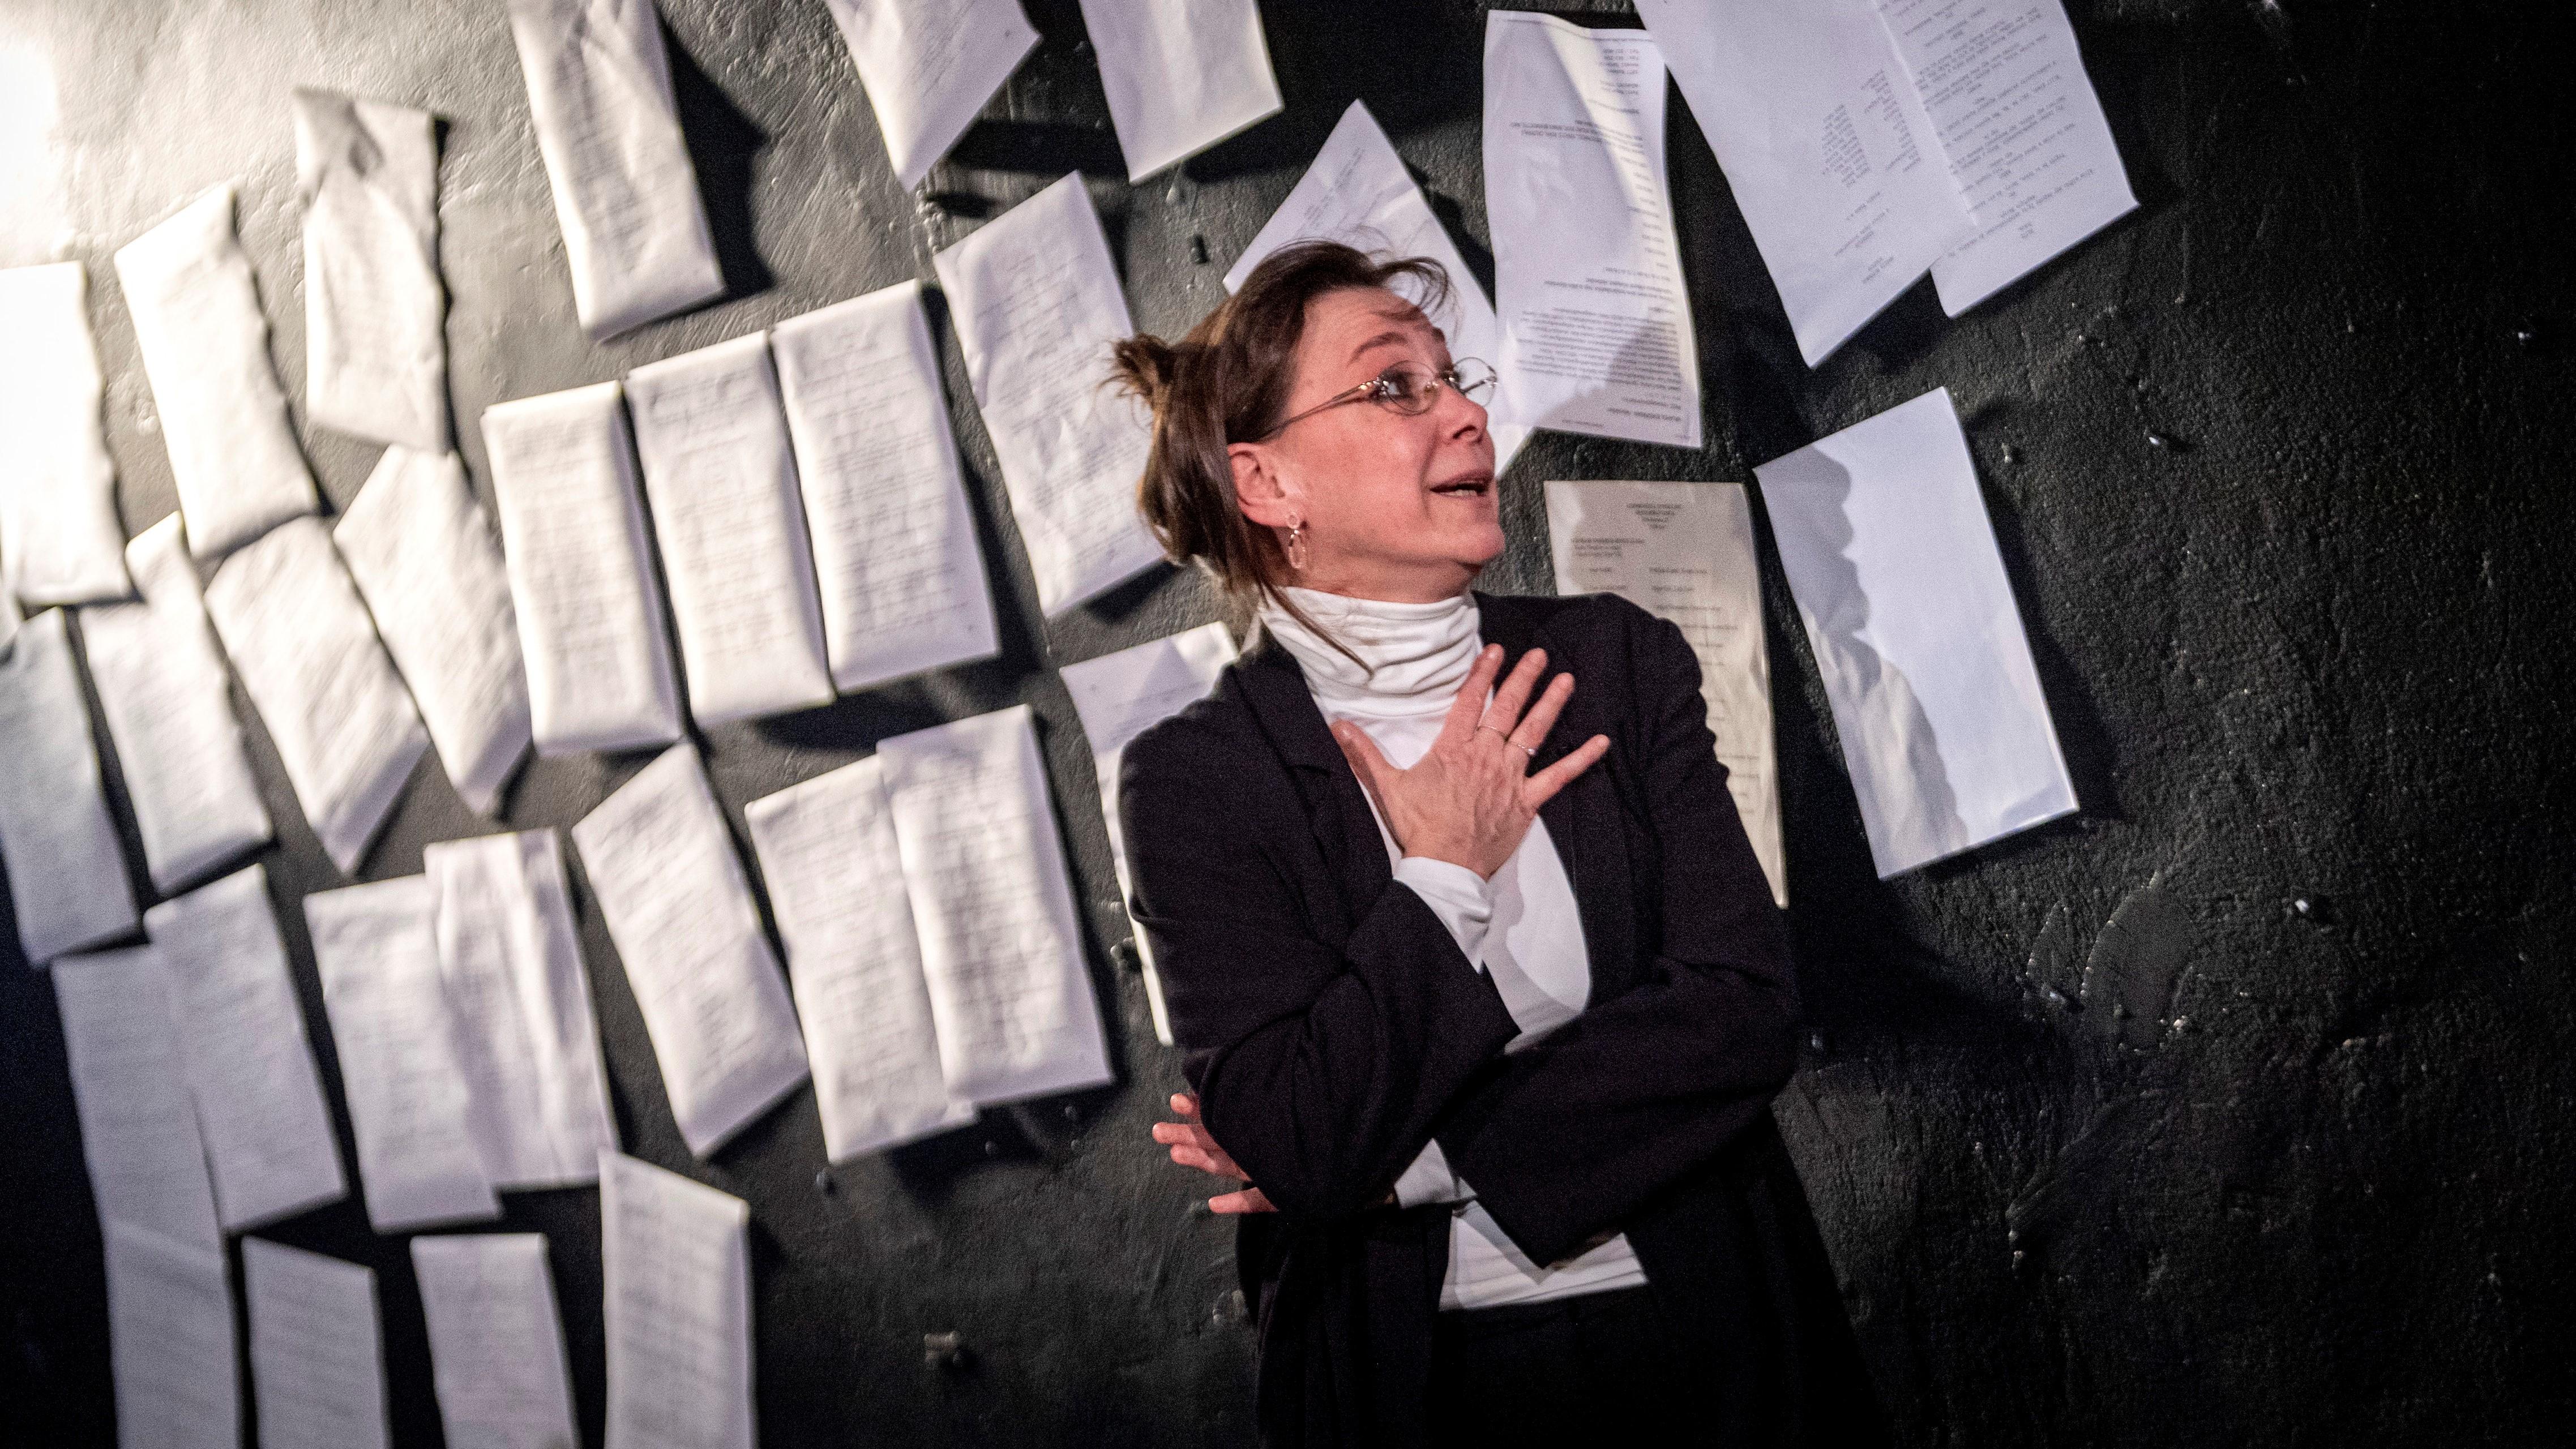 Fullajtár Andrea Anna Politkovszkaja szerepében Stefano Massini Az átnevelhetetlen című monodrámájának próbáján a budapesti Katona József Színház Sufni színpadán 2020. február 19-én.